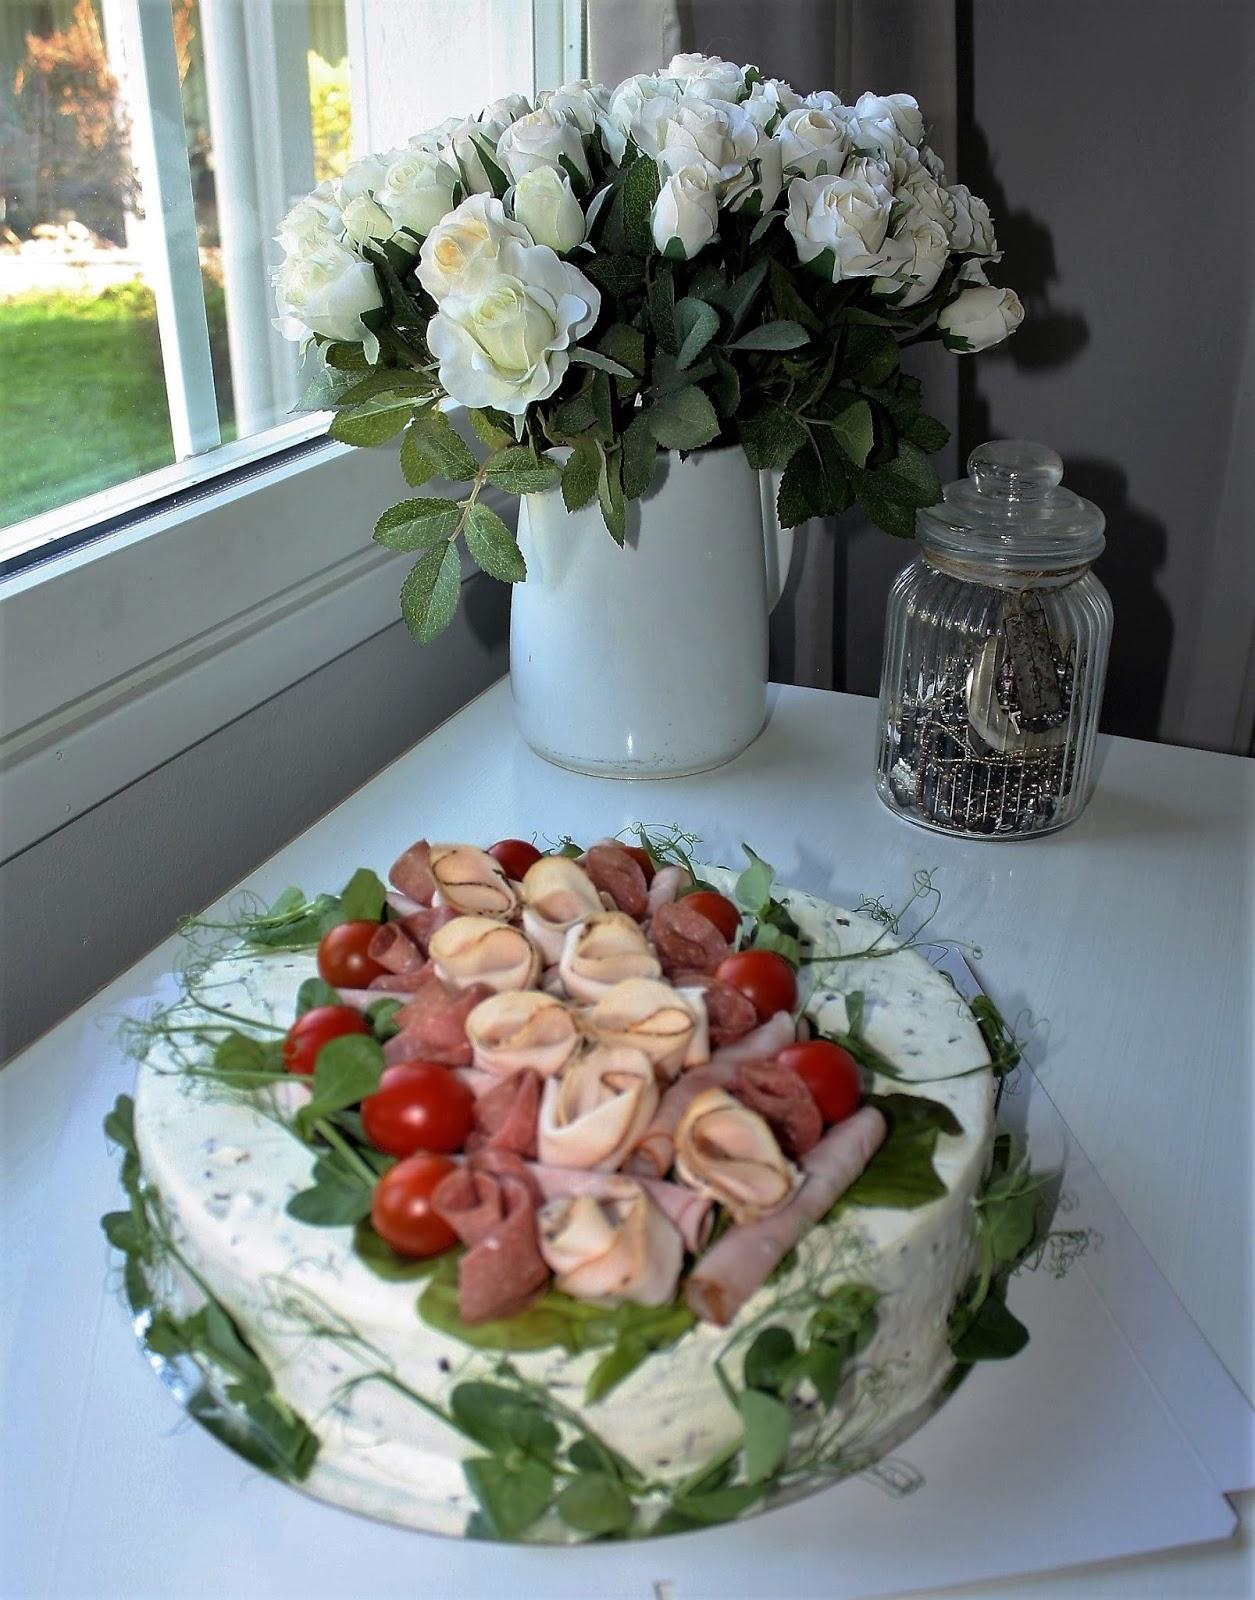 tårta till 50 års kalas Nilla's Handicraft: Tårtor till 50 års kalas tårta till 50 års kalas